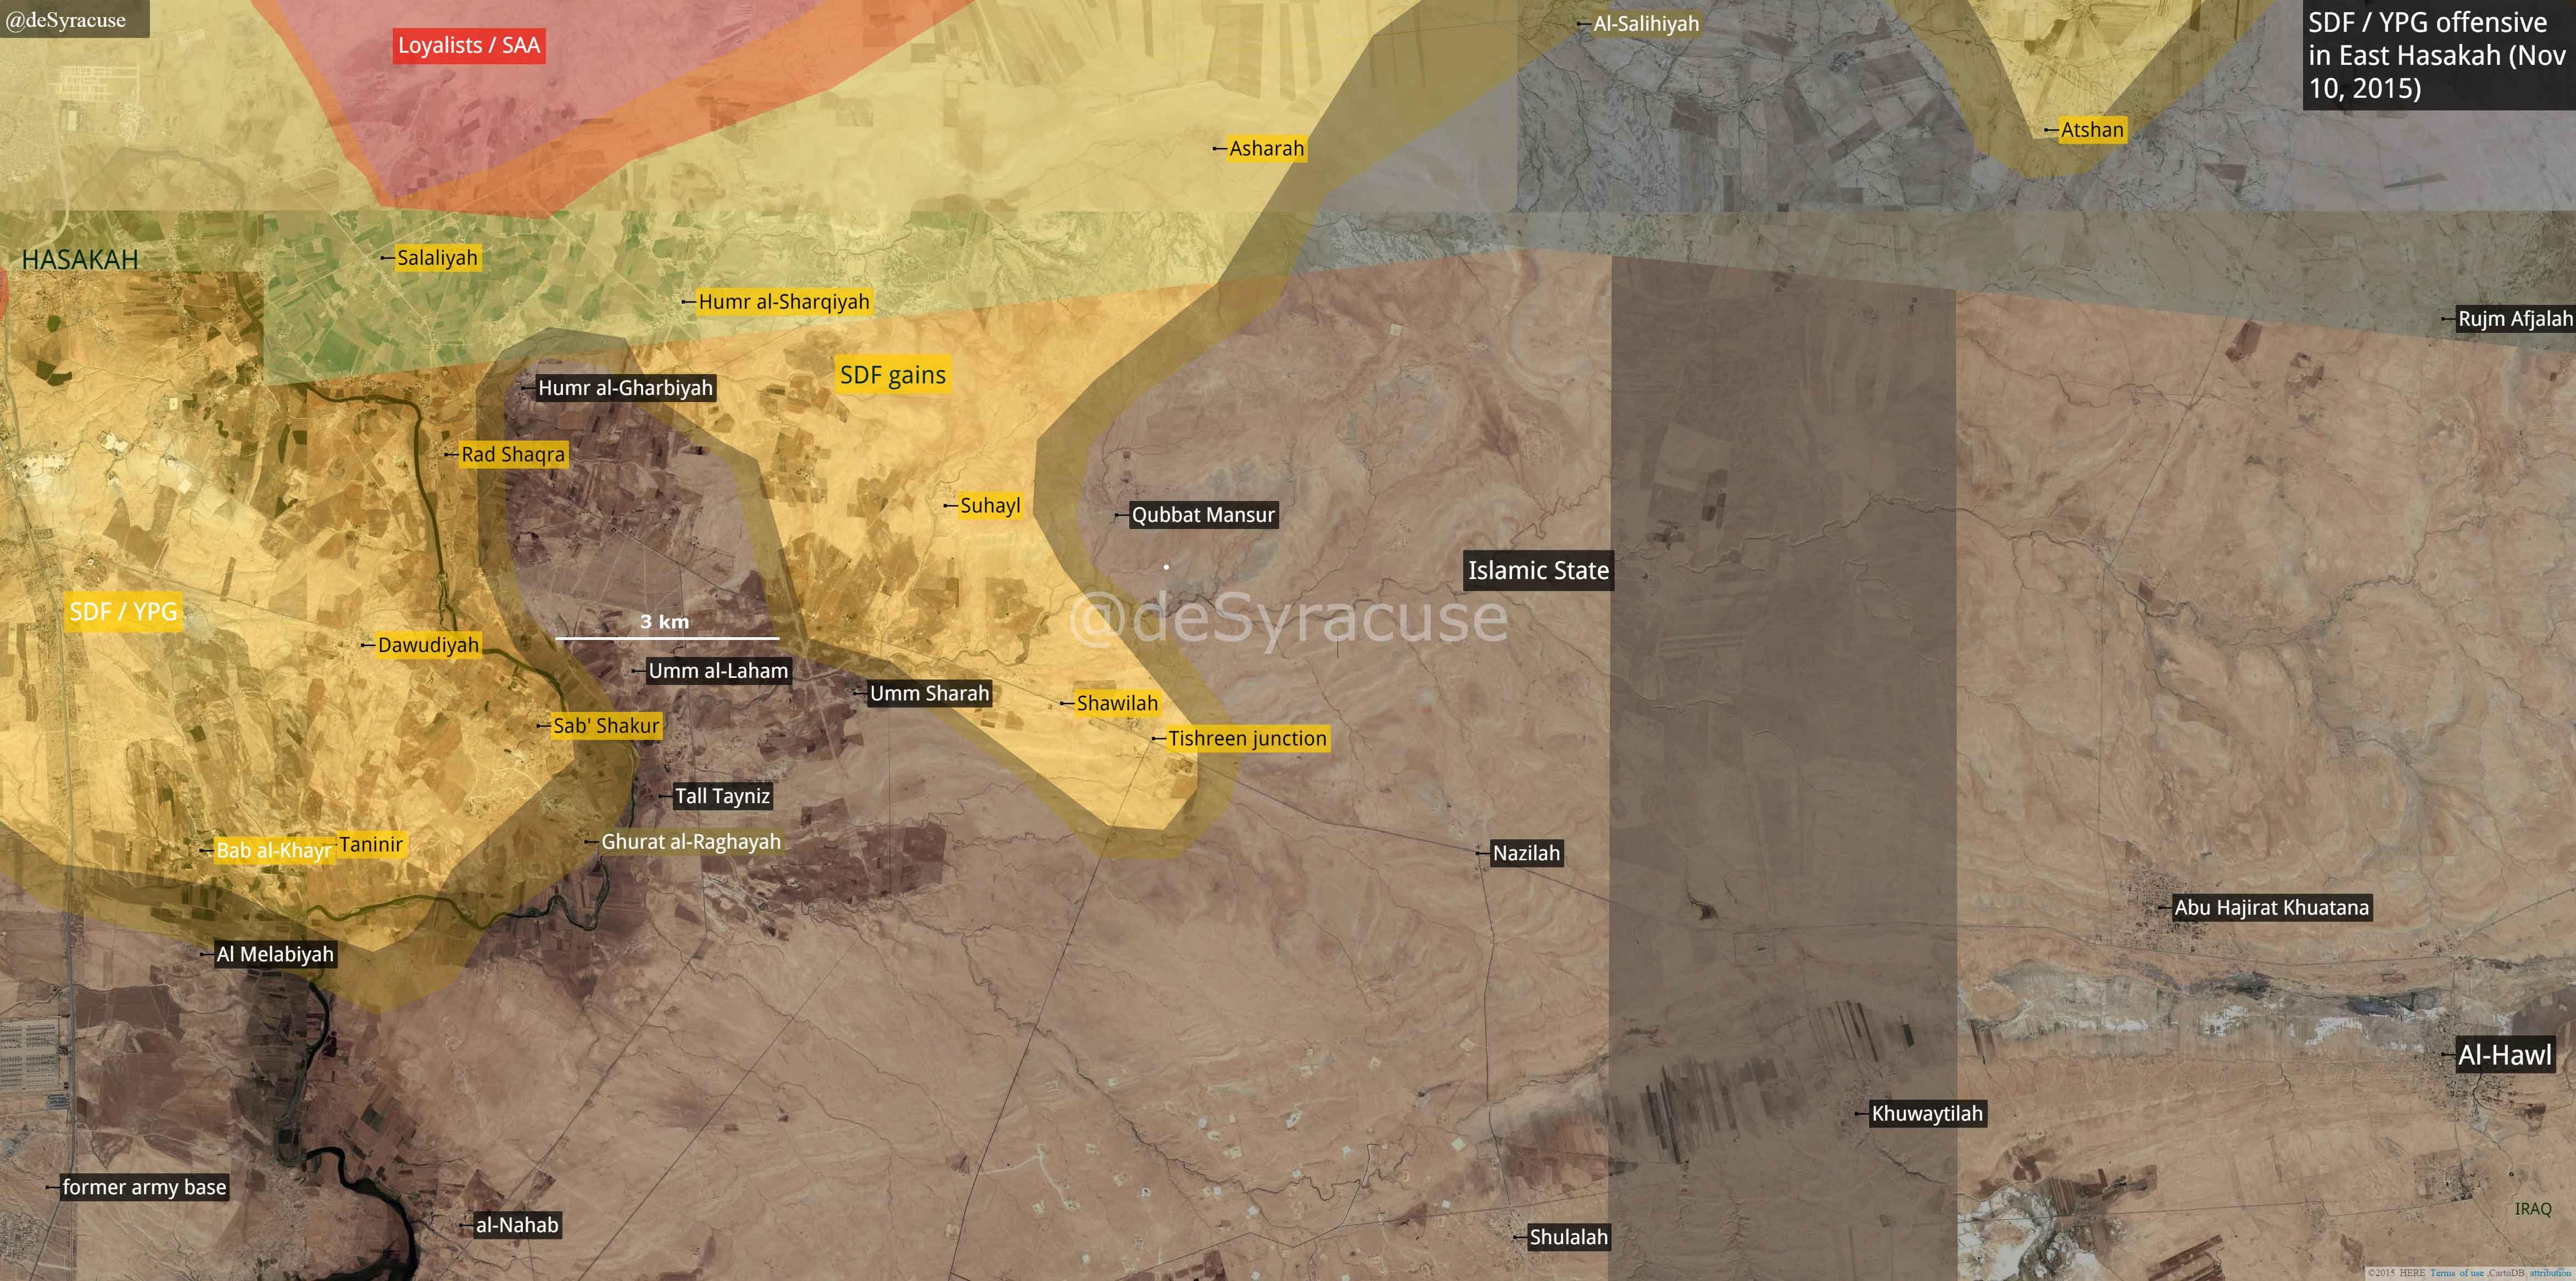 Ход военной компании сирийской оппозиции и курдов в Хасаке, 10 ноября 2015